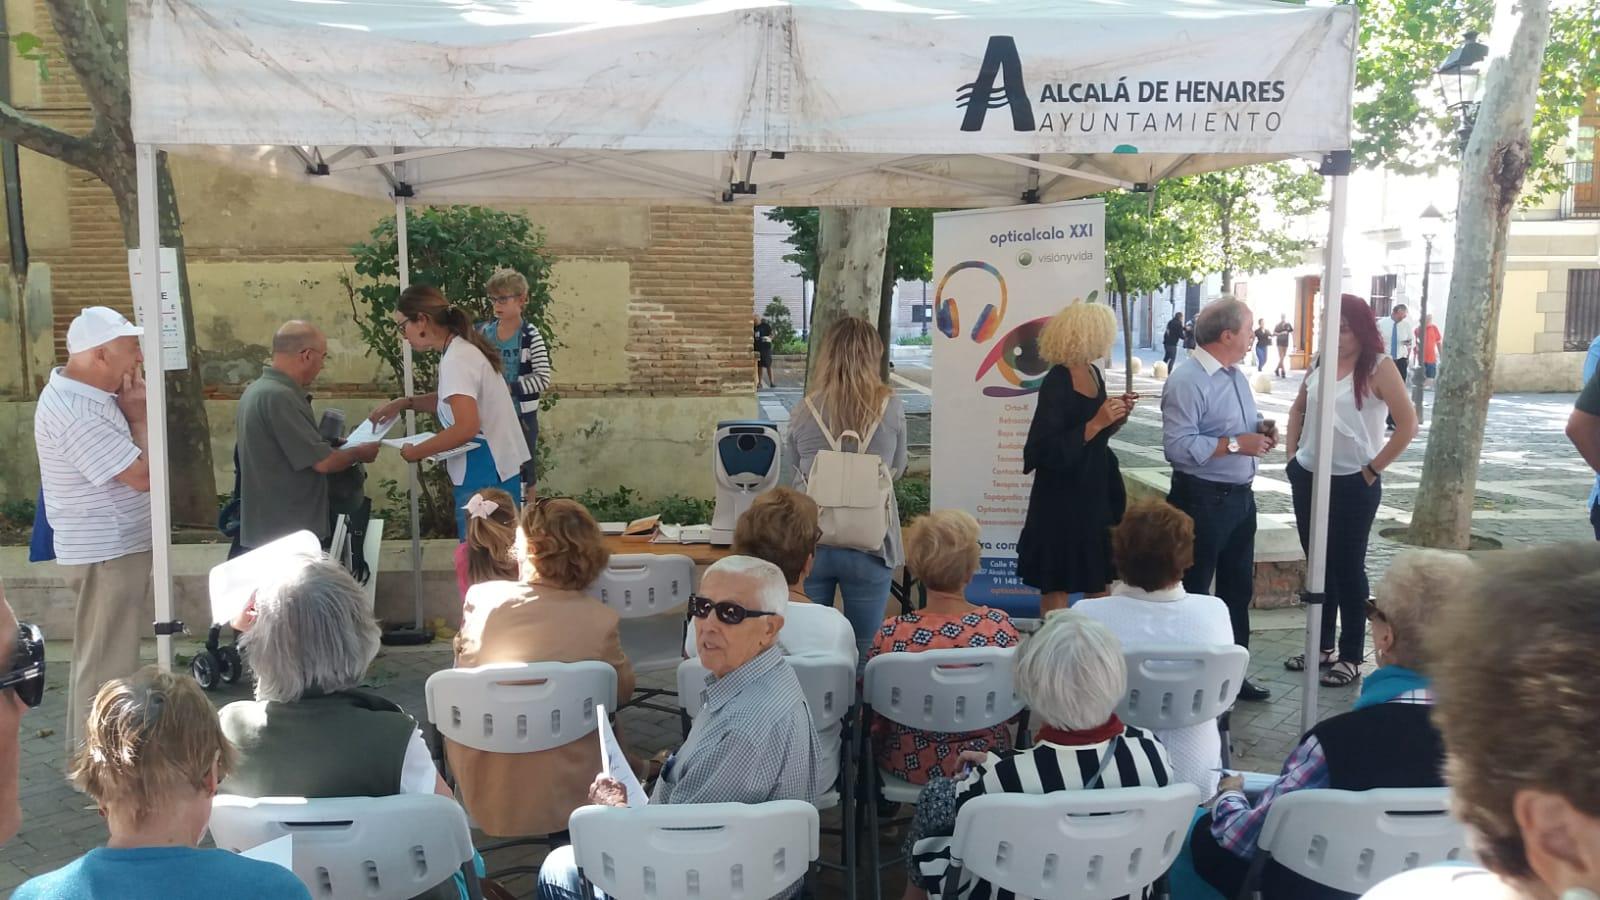 Dia del Mayor Alcala